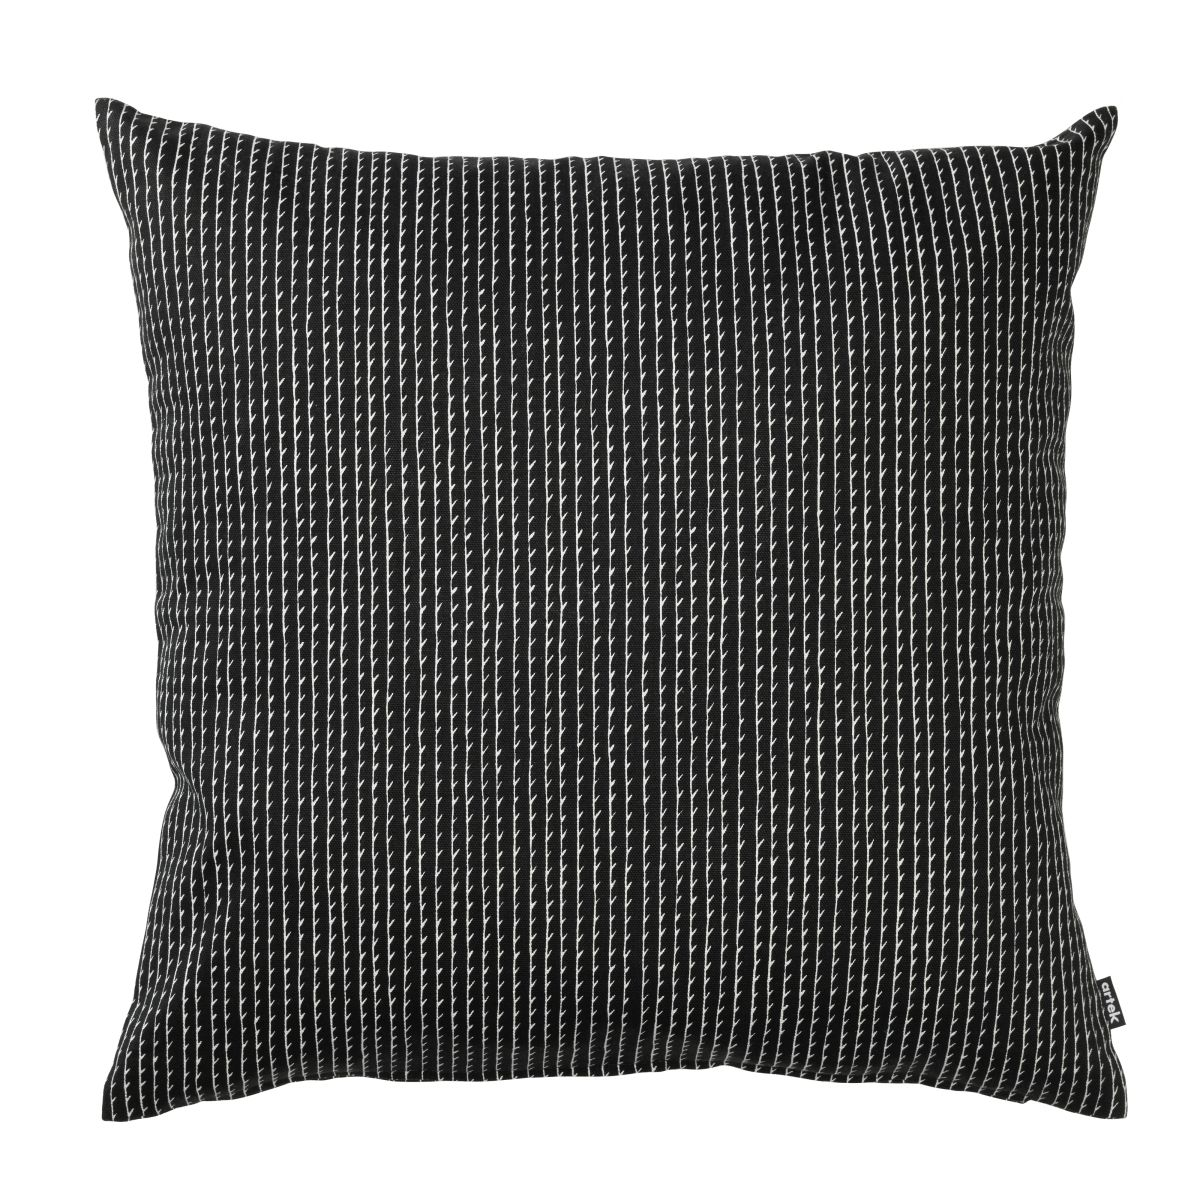 Rivi-Cushion-Cover-Black-_-White-Large_F_Web-2410975